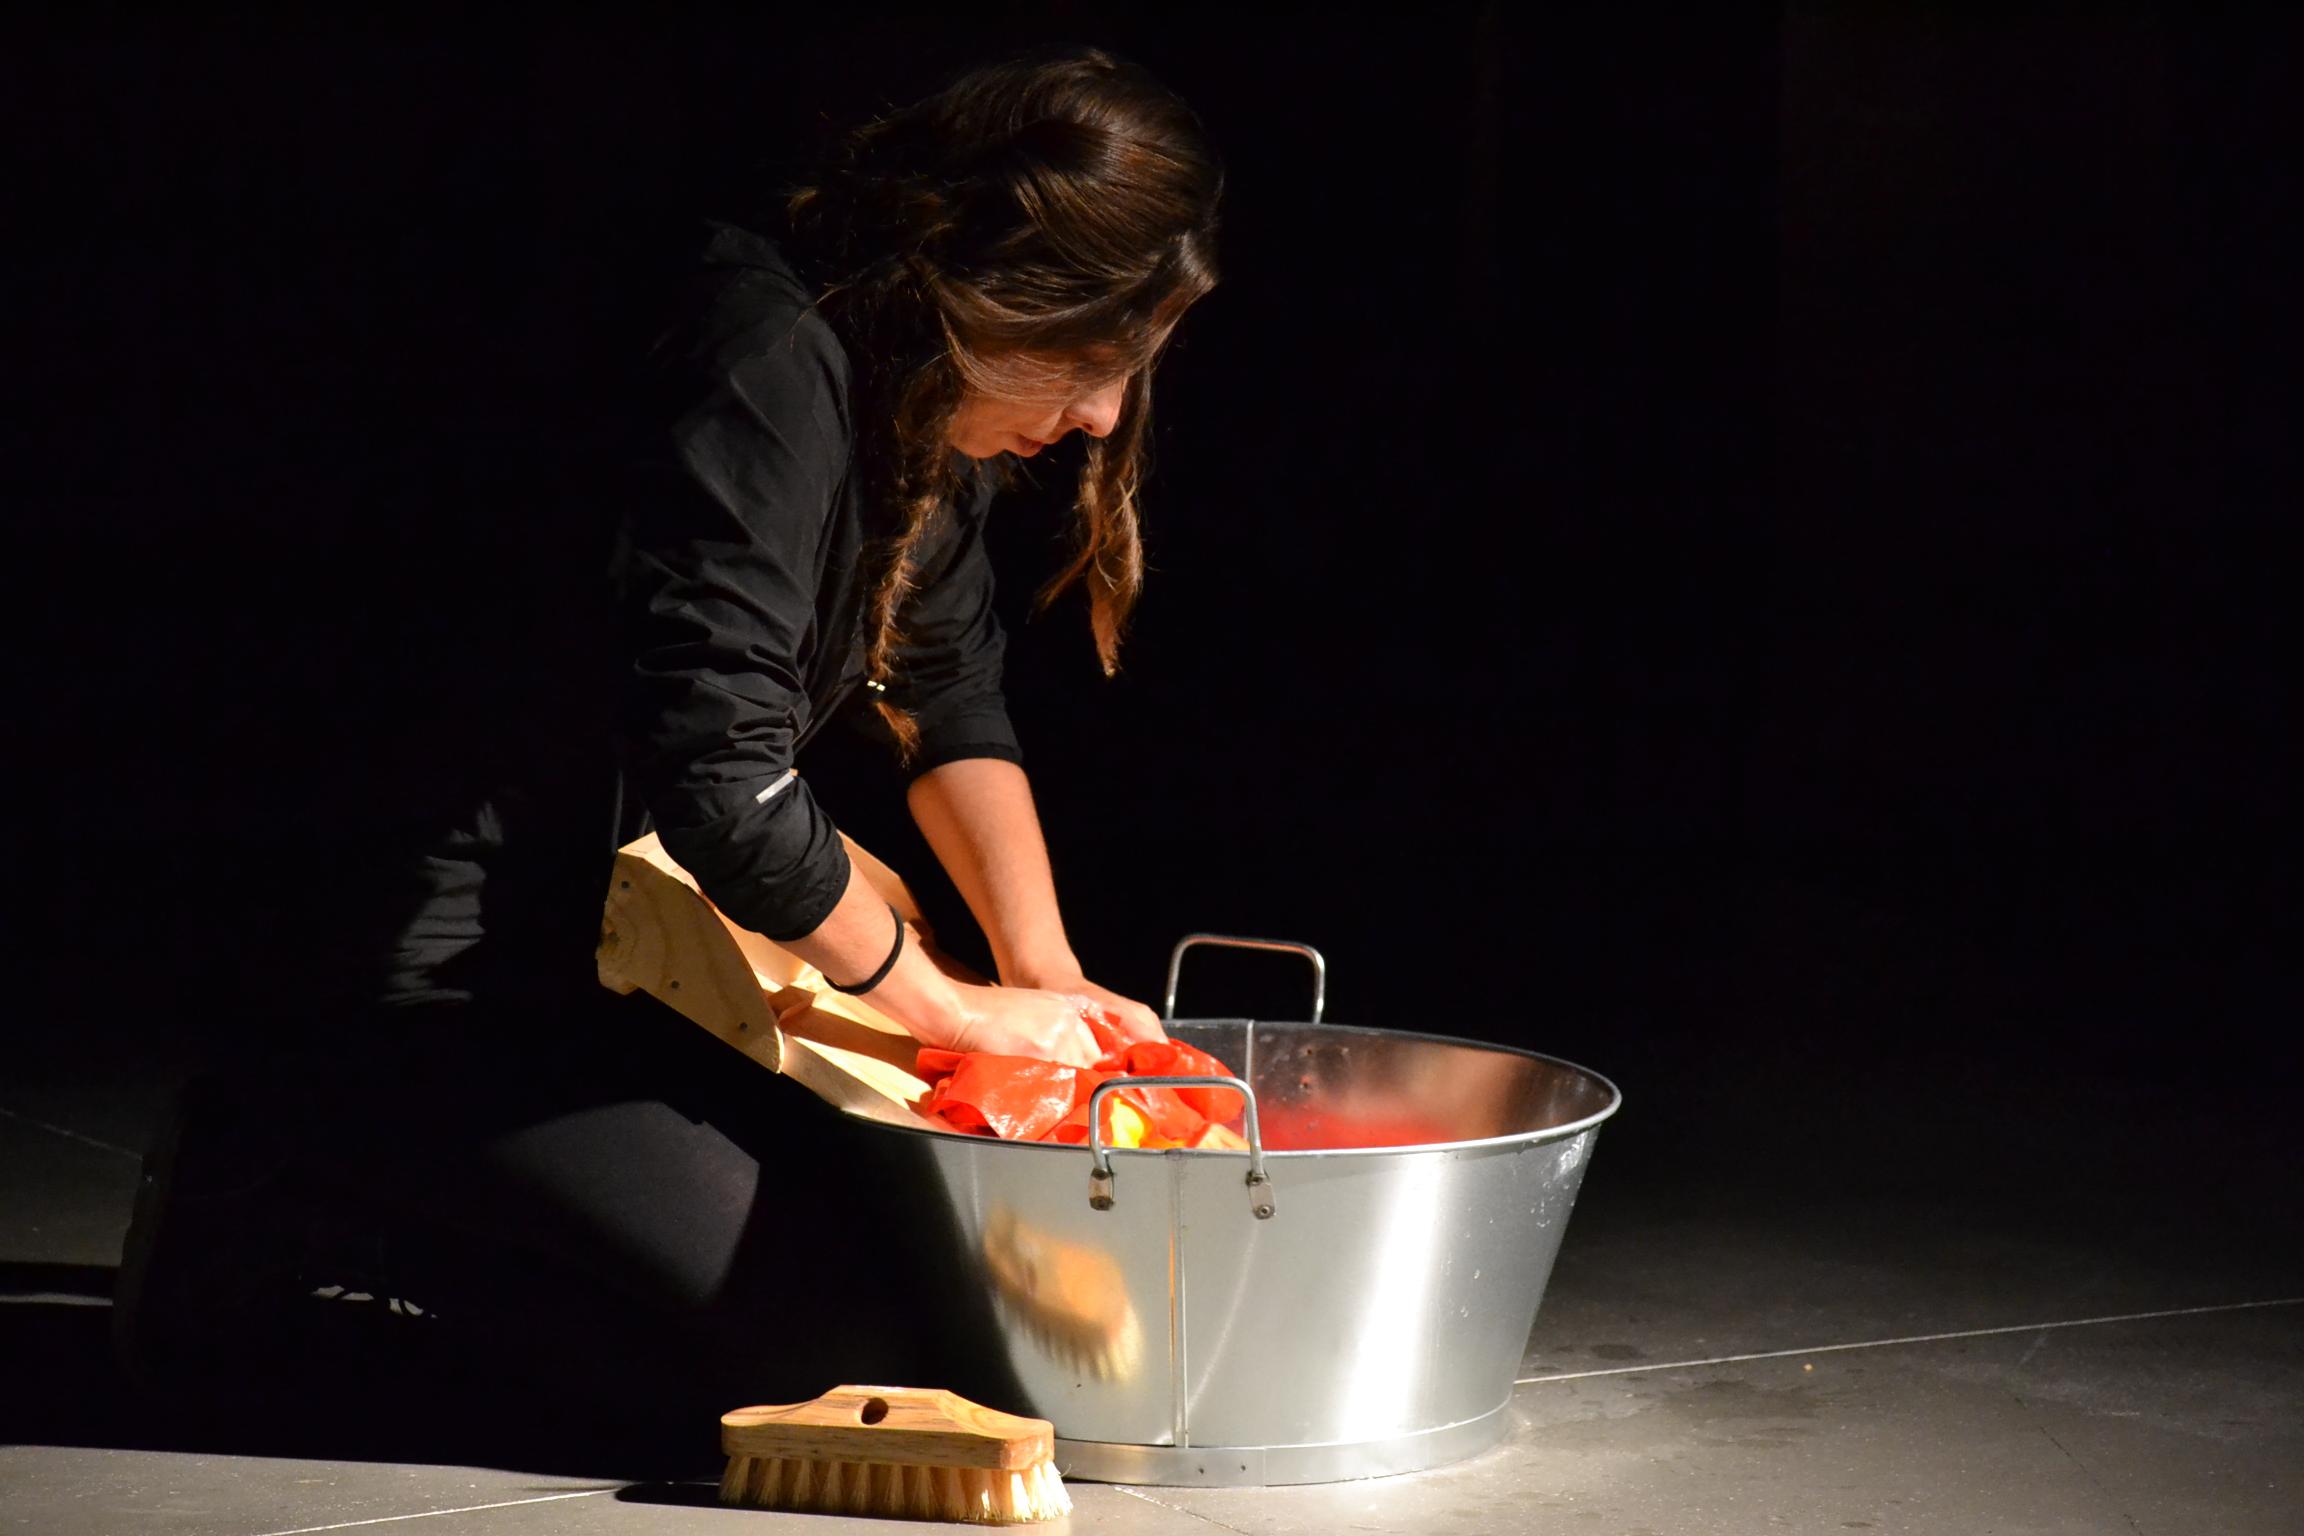 Wash Lies All (2014)/ACCION!MAD Encuentro Internacional de Arte de Acción exhibition at Matadero Madrid, Spain